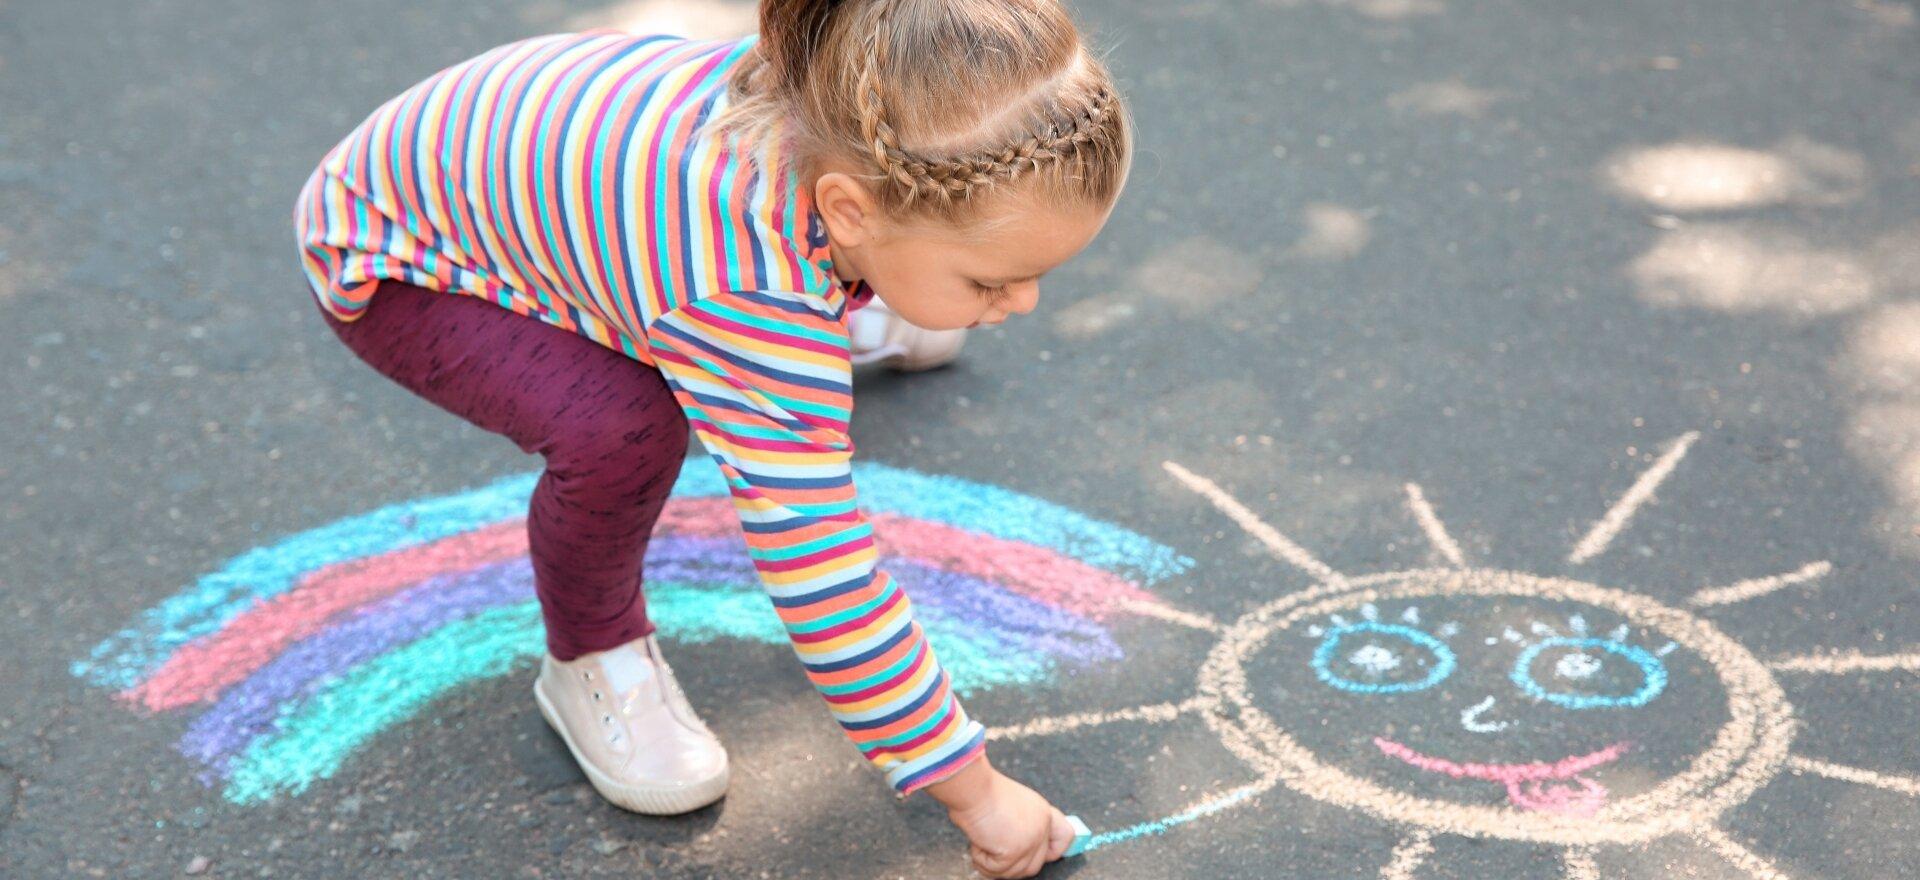 Krétával rajz az aszfaltra